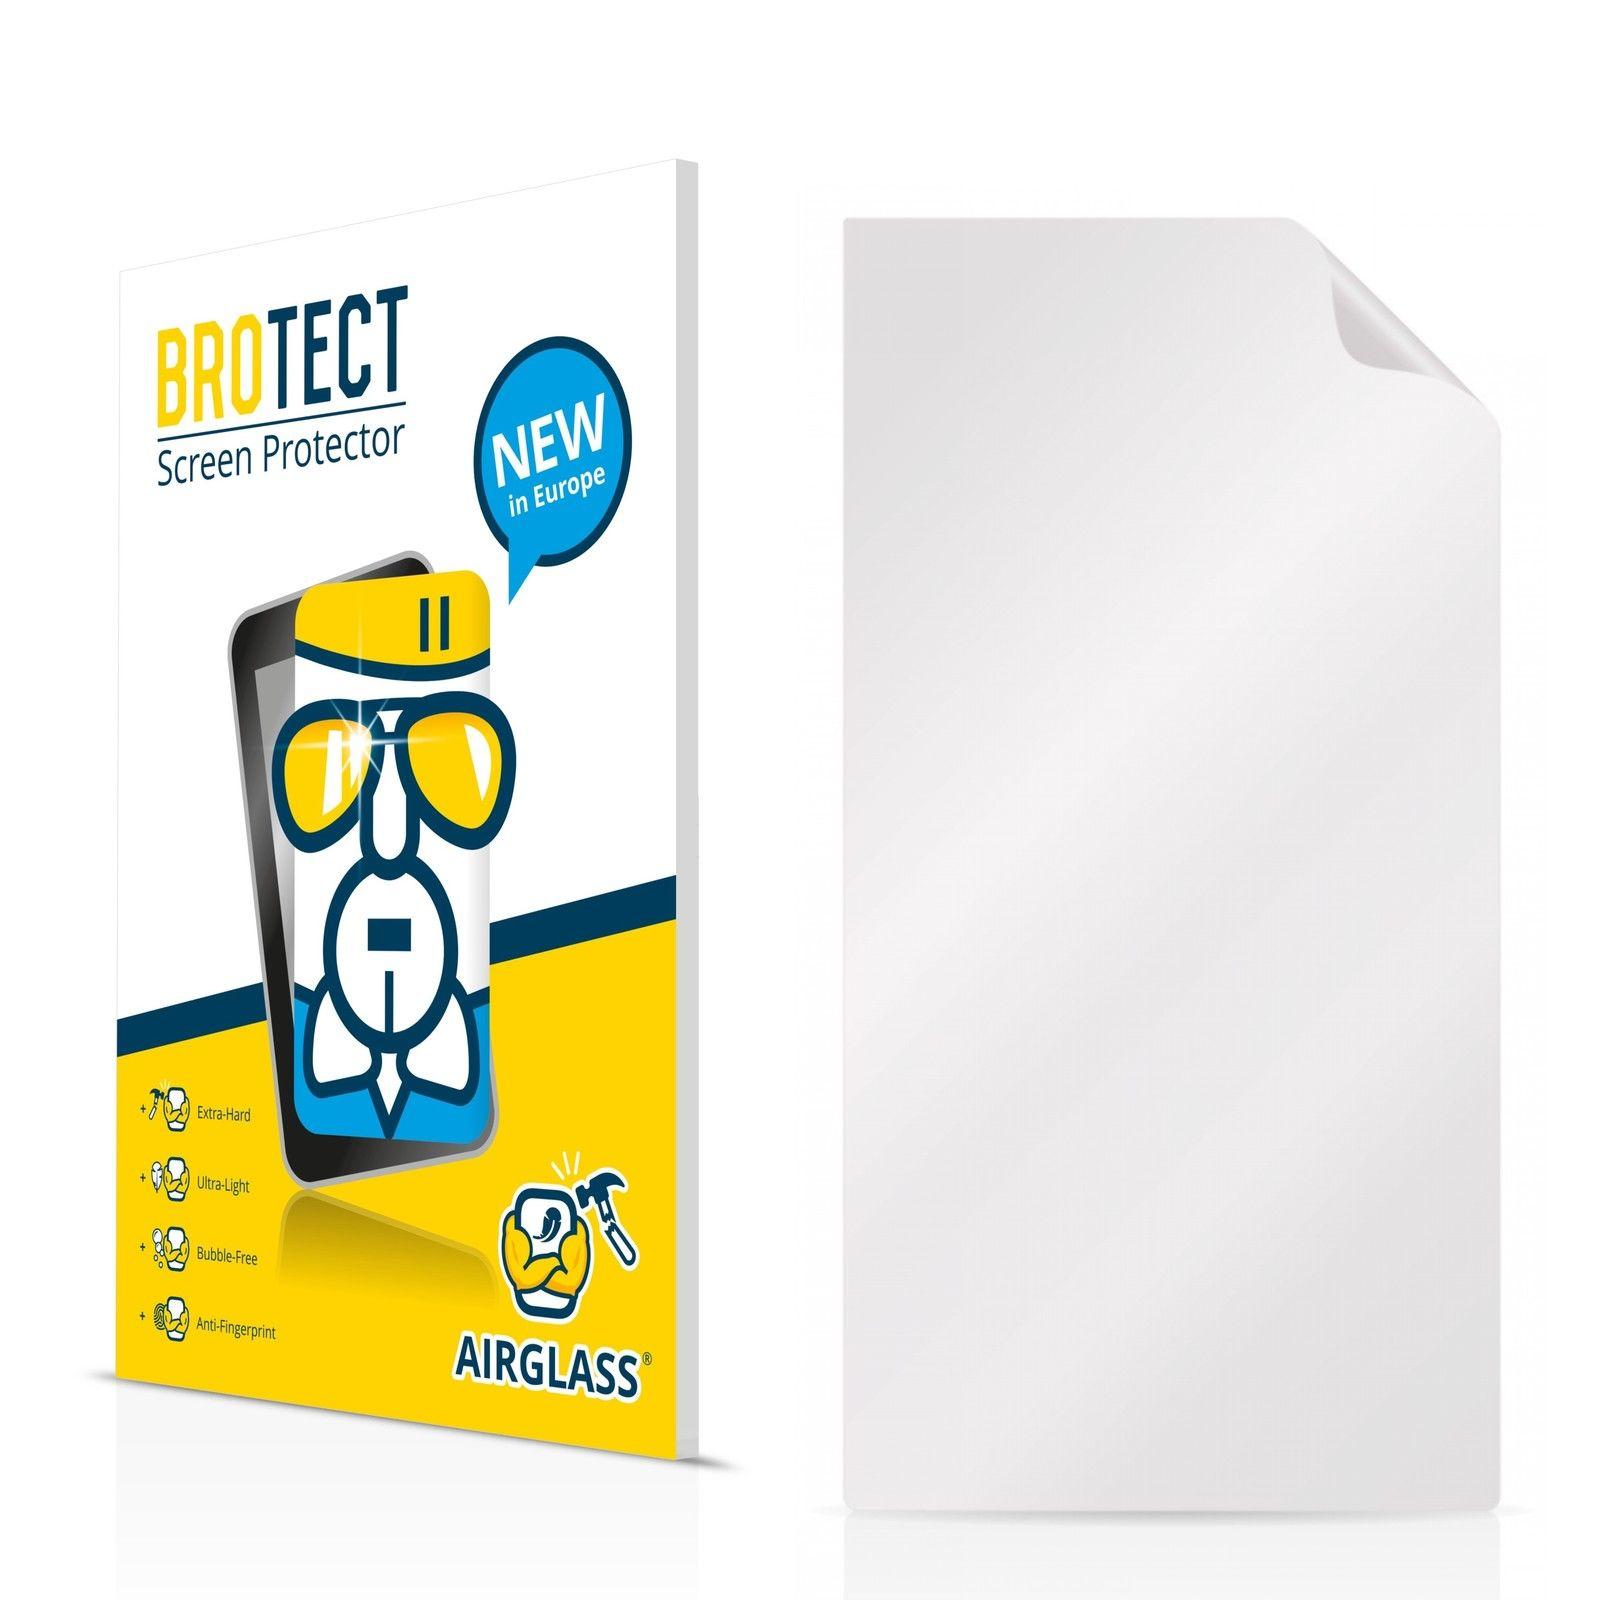 Extra tvrzená ochranná fólie (tvrzené sklo) AirGlass Brotec na LCD pro Prestigio MultiPhone 5505 DUO